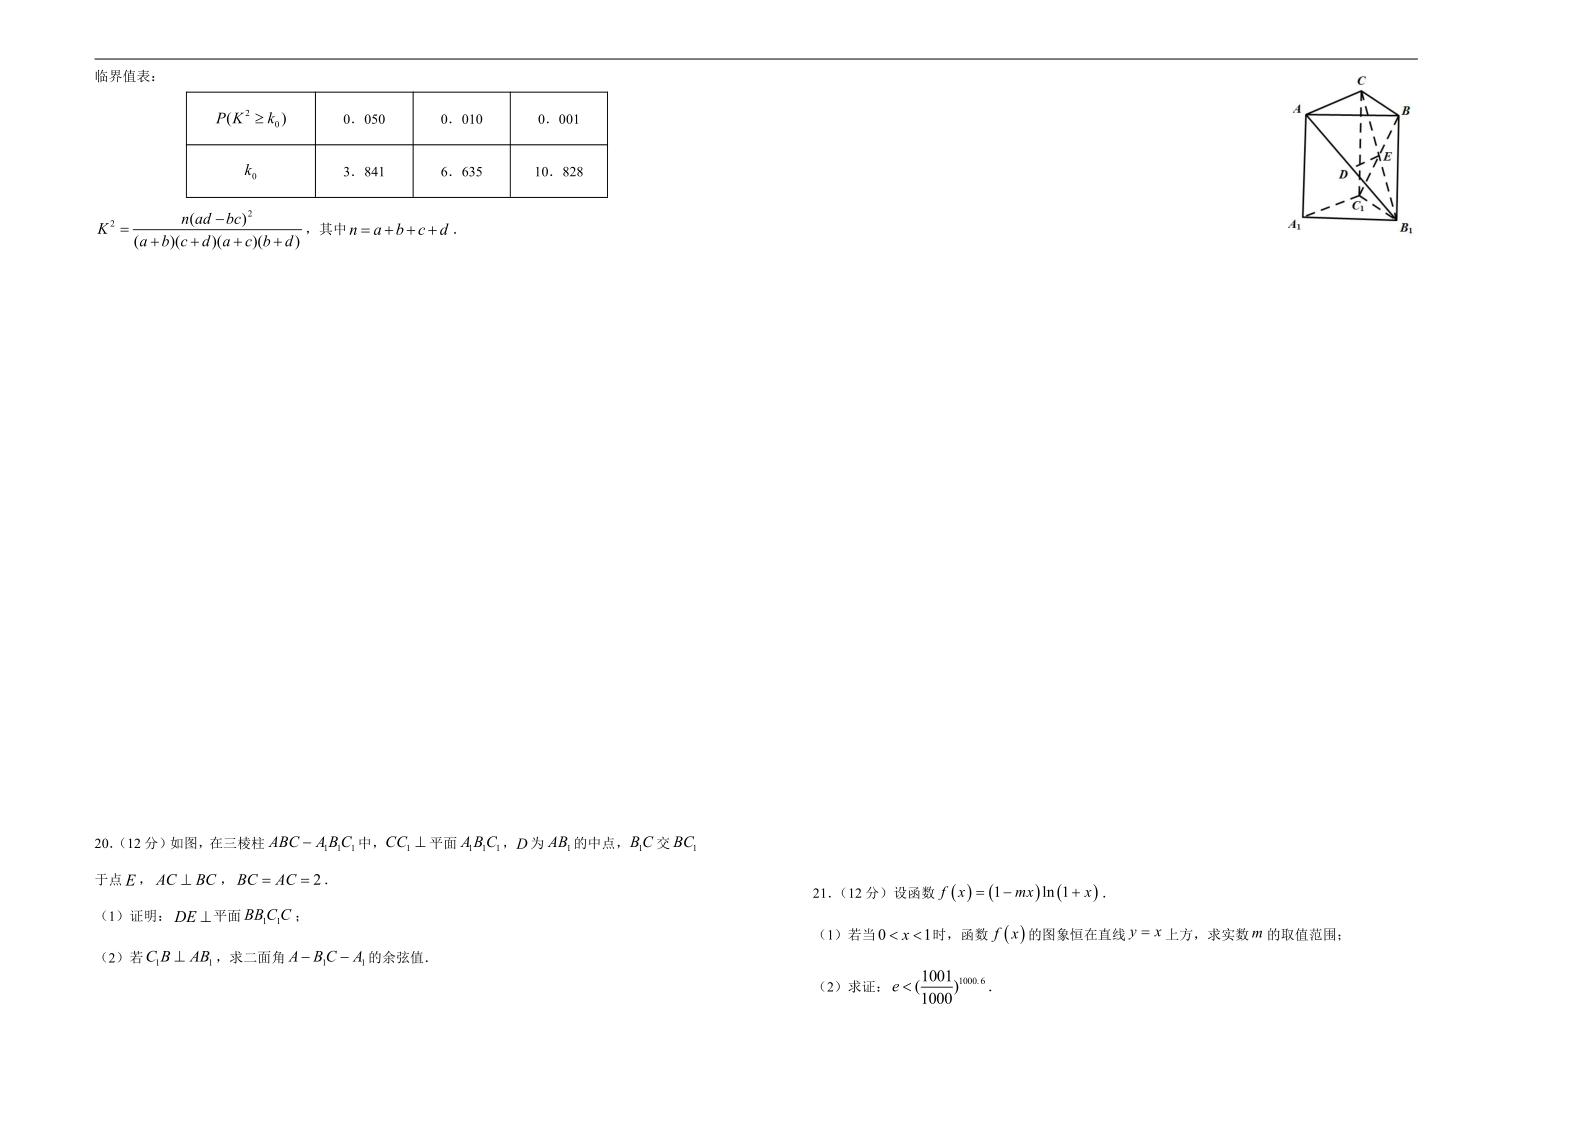 (新高考)2021届高三入学调研试卷 数学(三)(word版含解析)